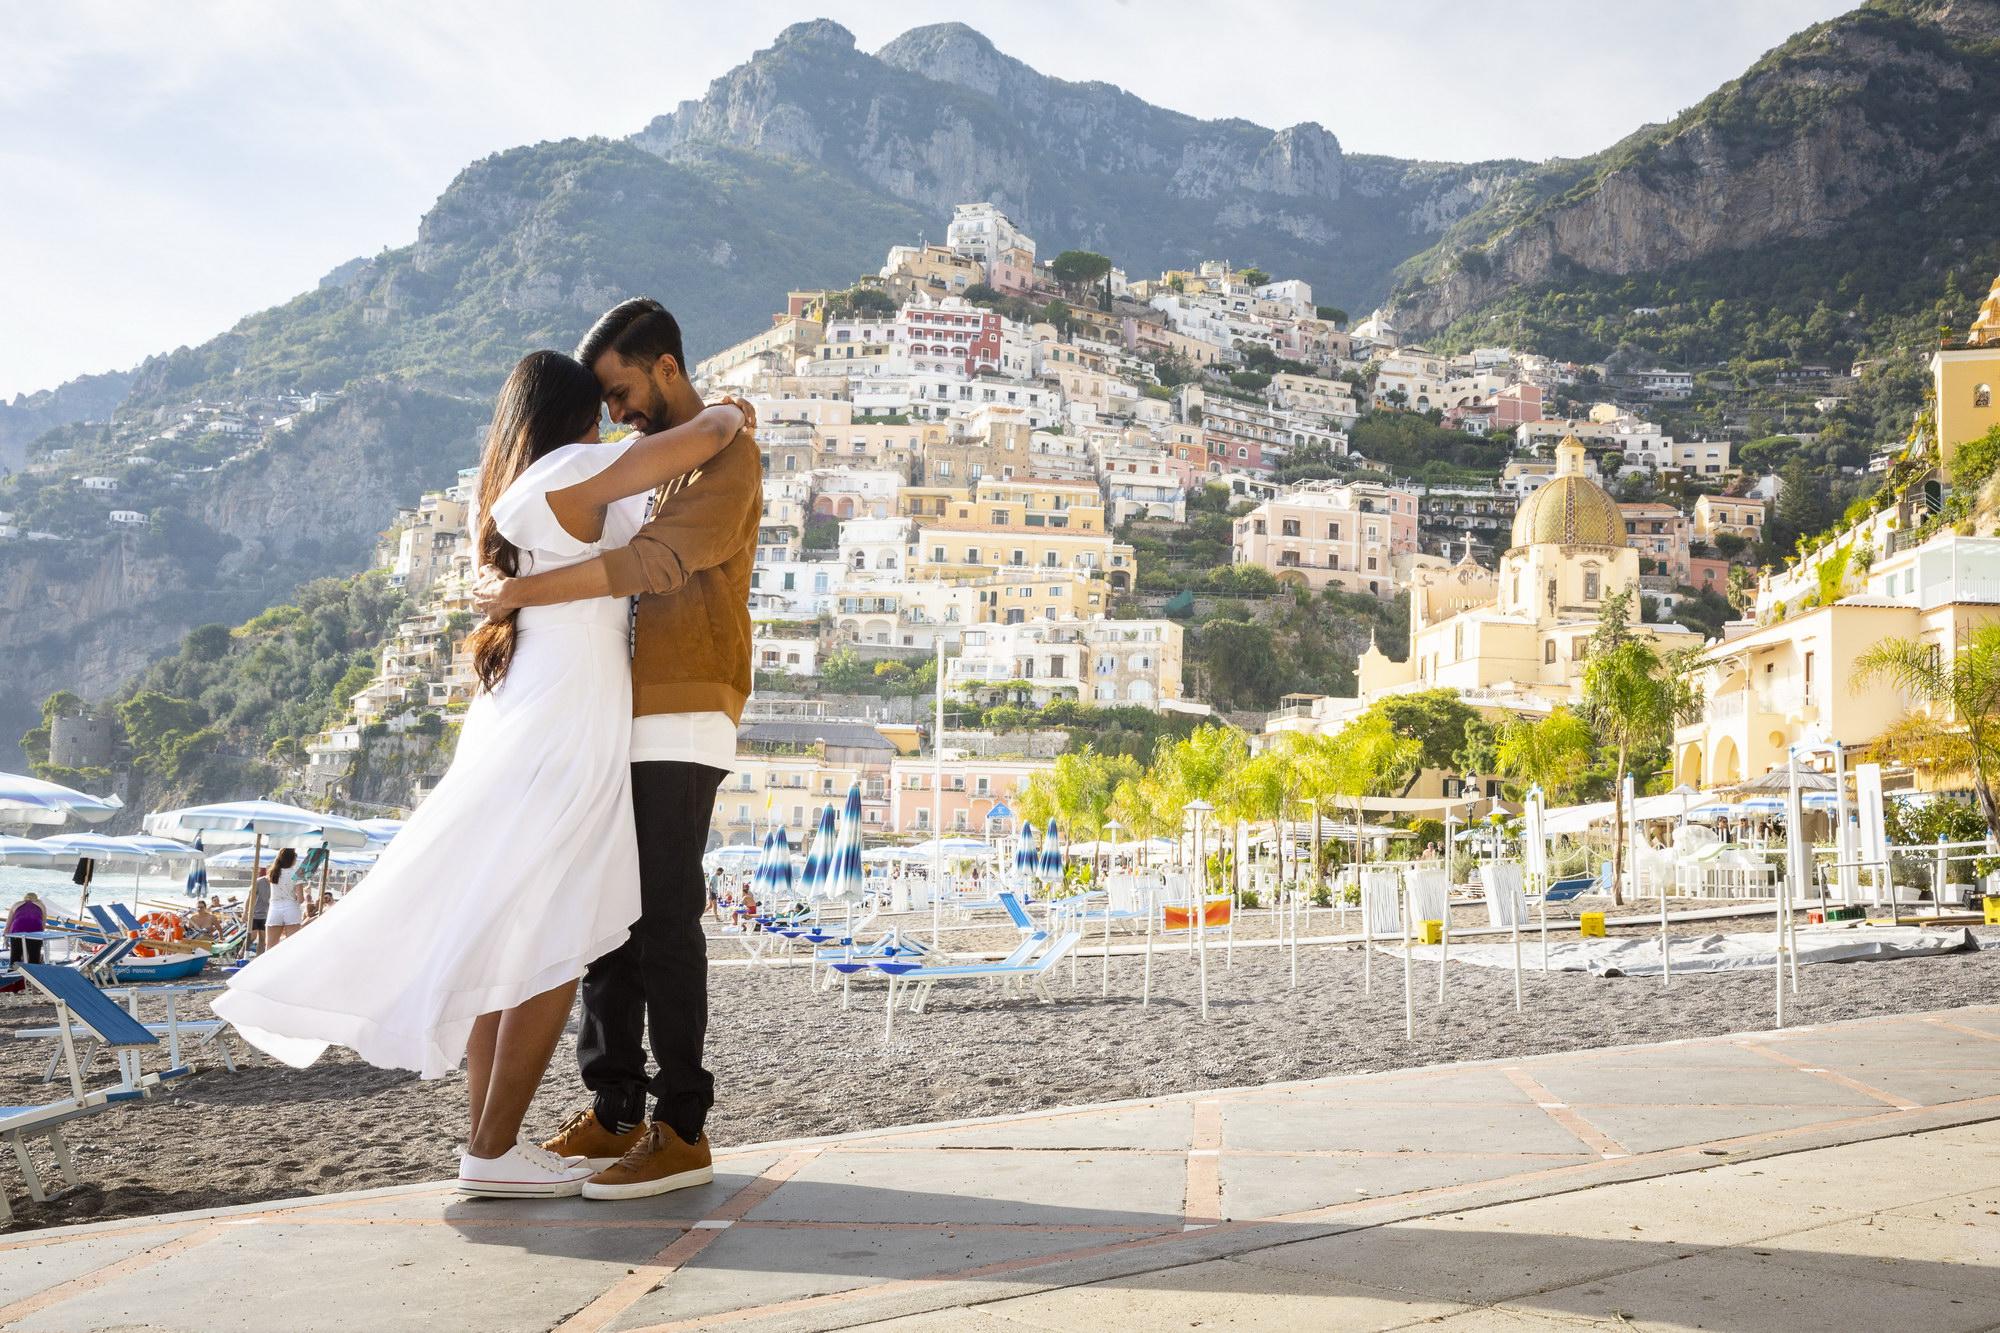 Picture-Perfect Wedding Proposal in Positano Andrea Matone10